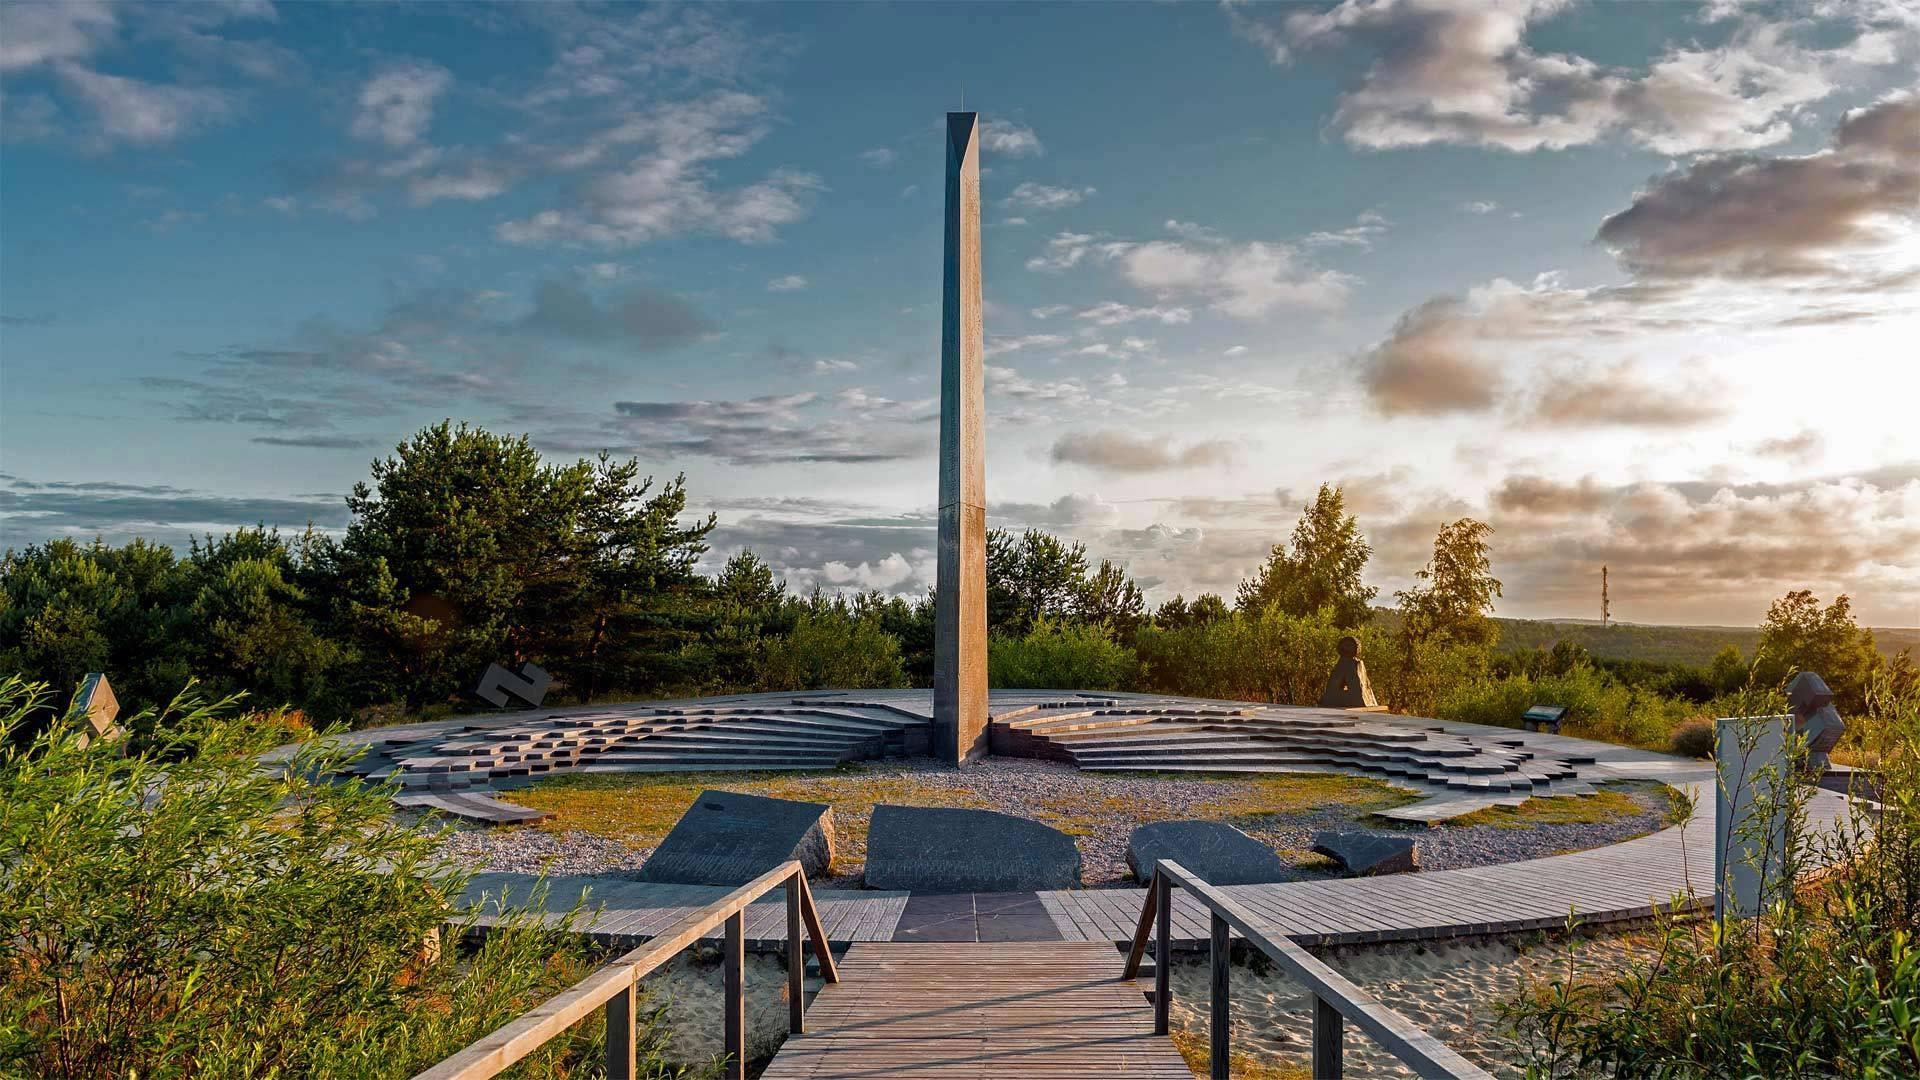 帕尼迪斯沙丘上的日晷,库尔斯沙嘴库尔斯沙嘴